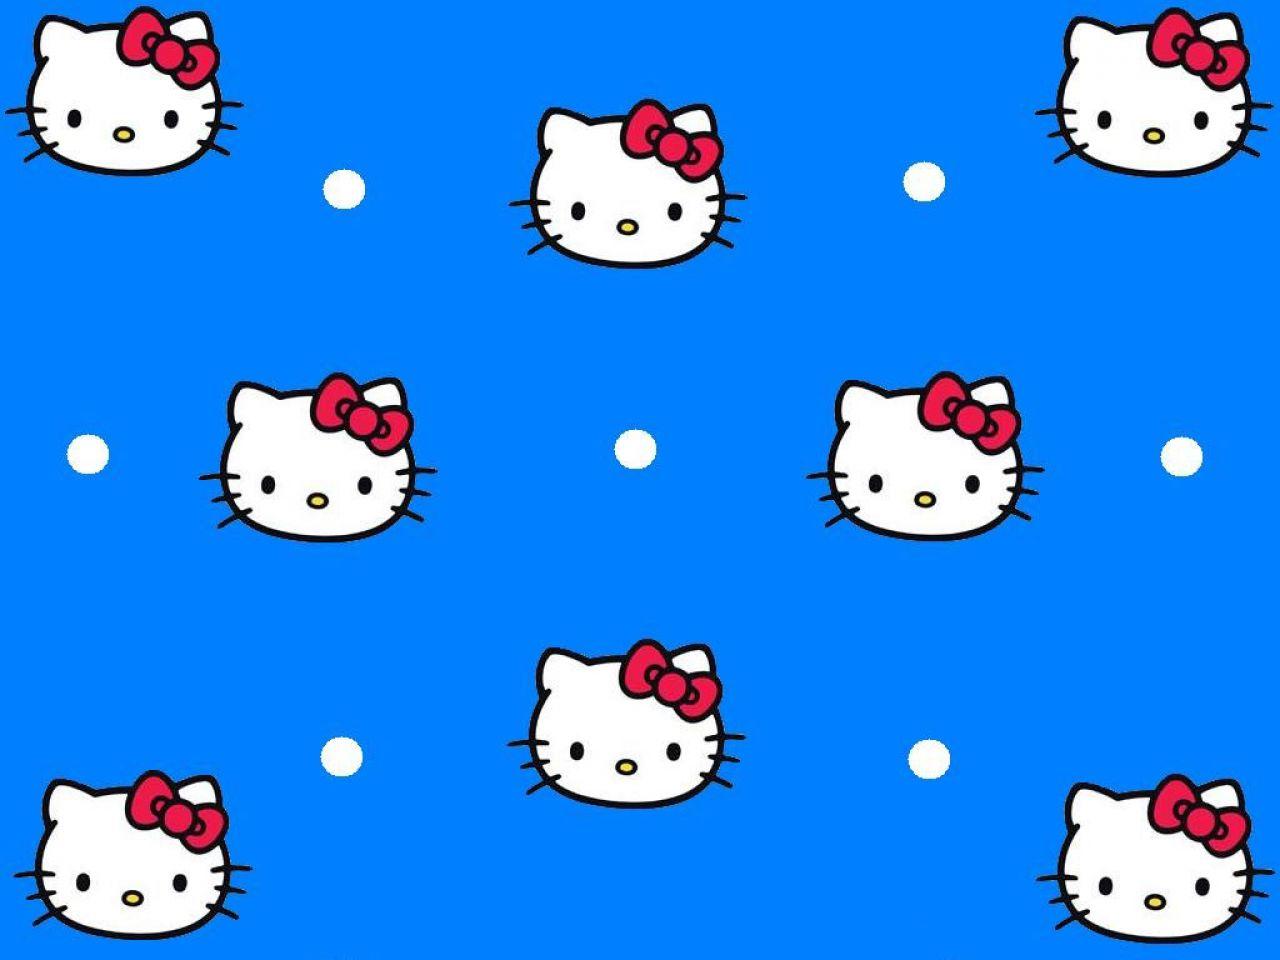 ... fondo de pantalla infantil para niños de Hello Kitty para tu pc